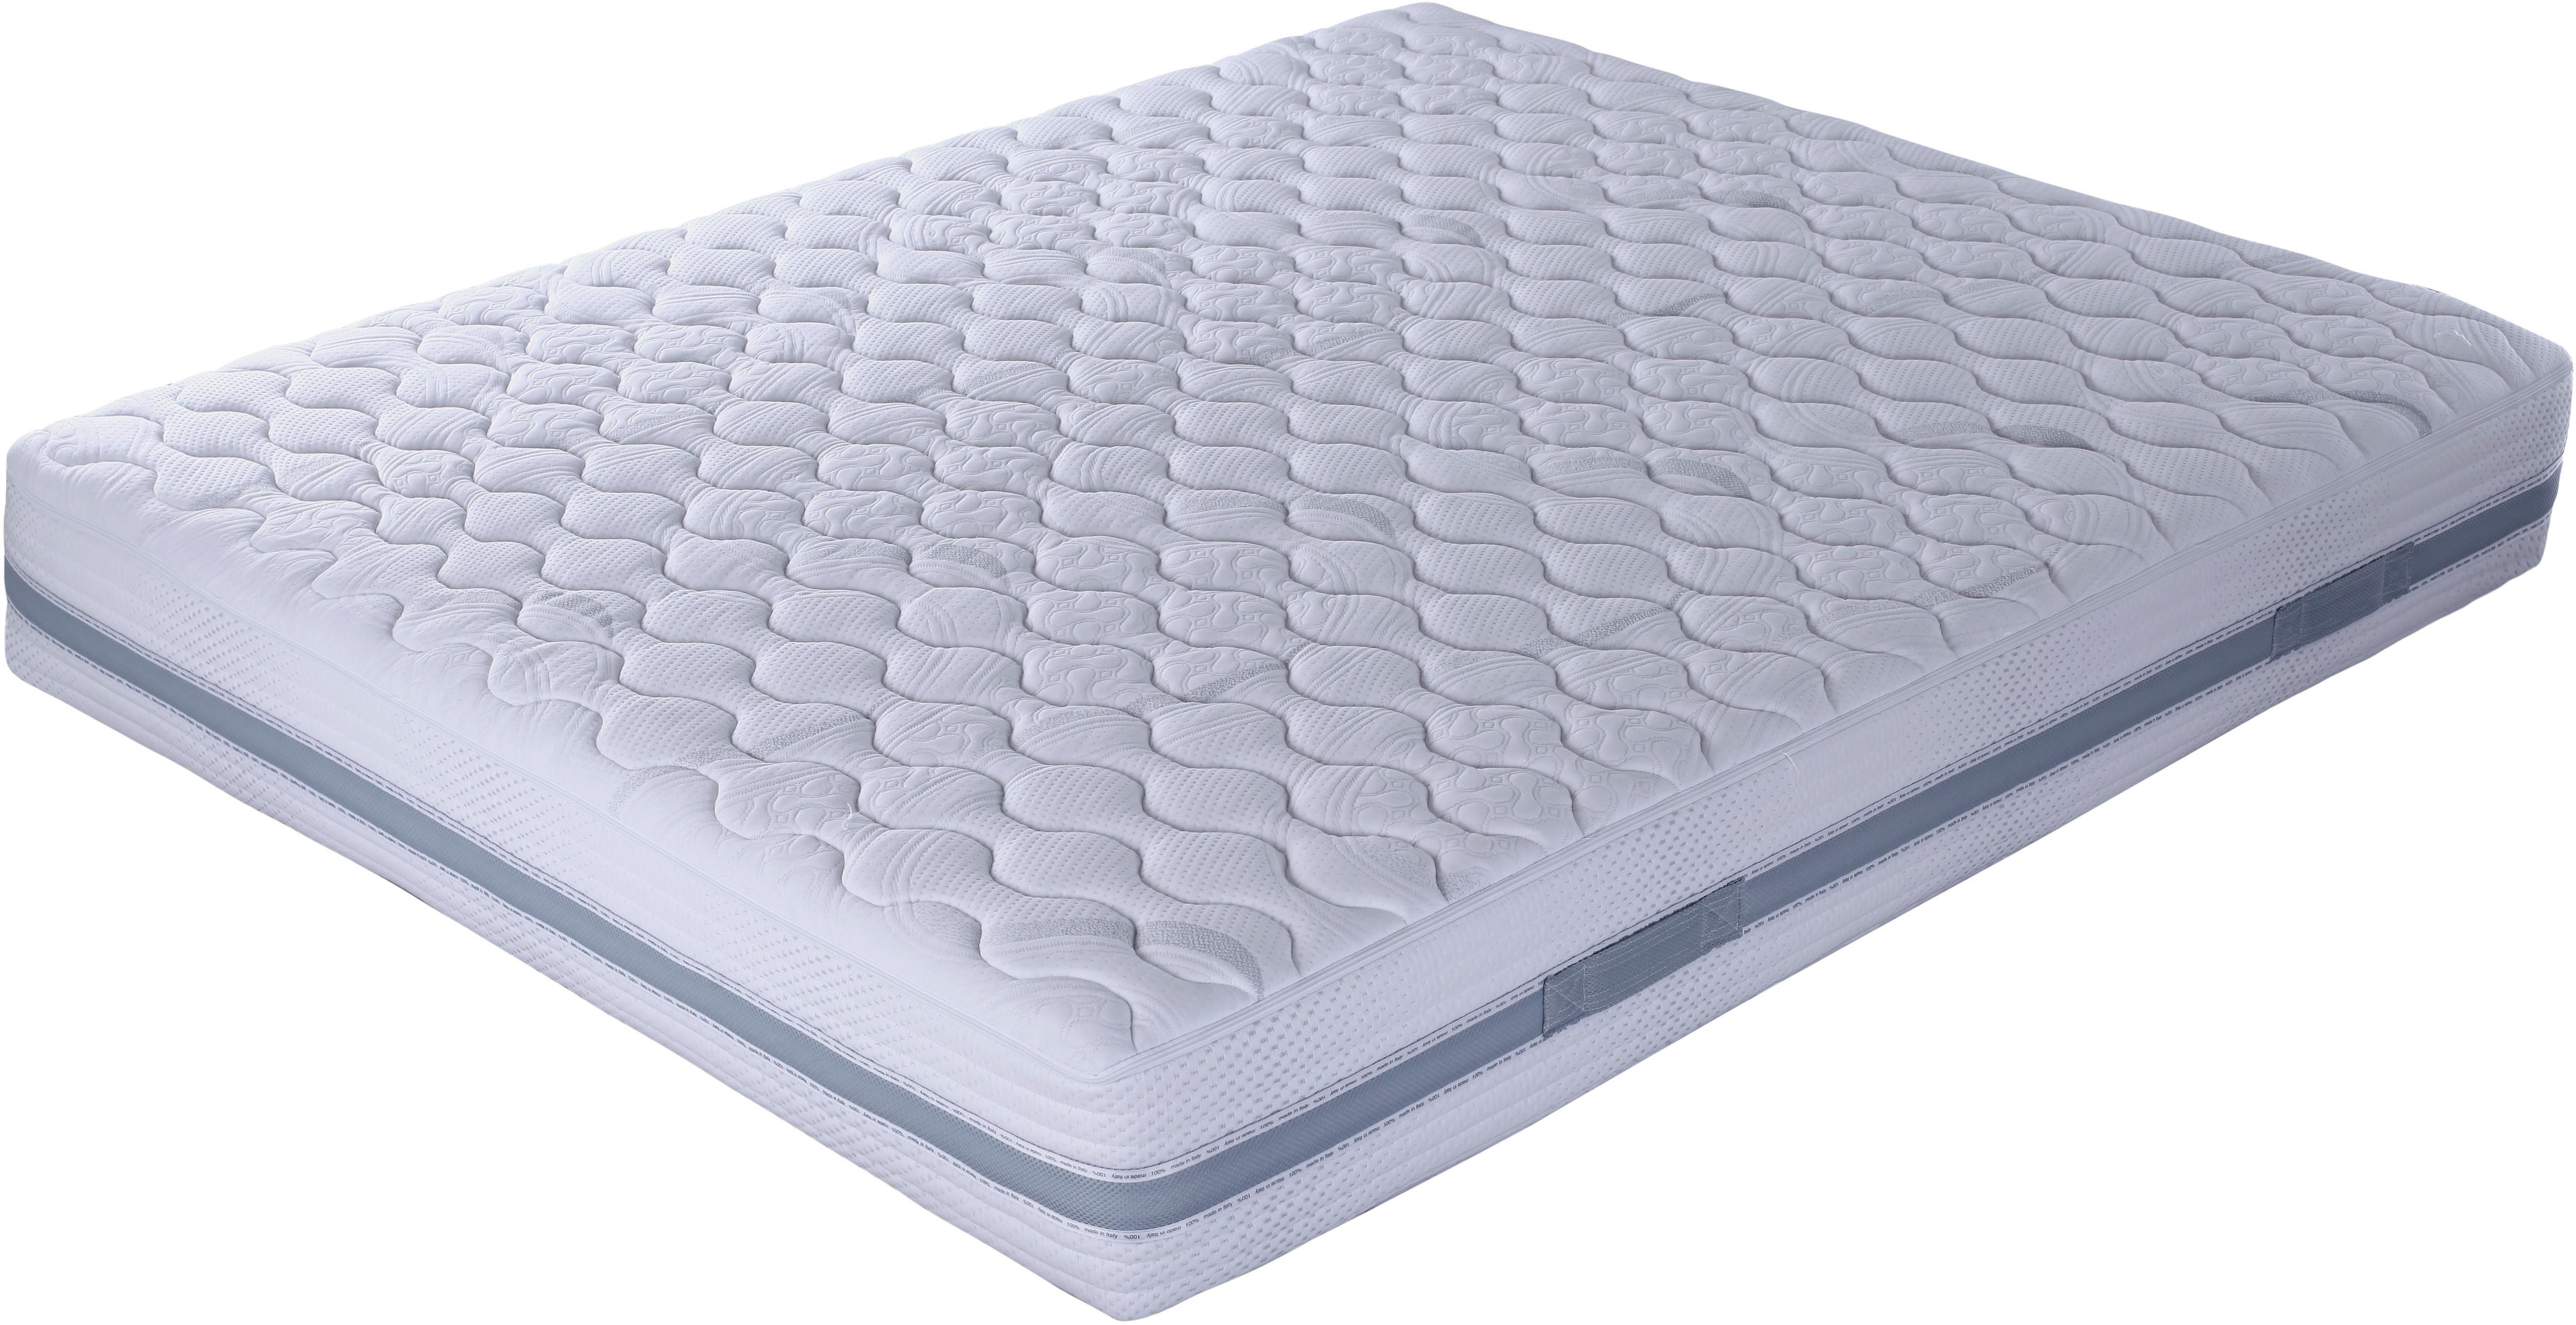 Komfortschaummatratze Memory Top Air Massage Magniflex 25 cm hoch